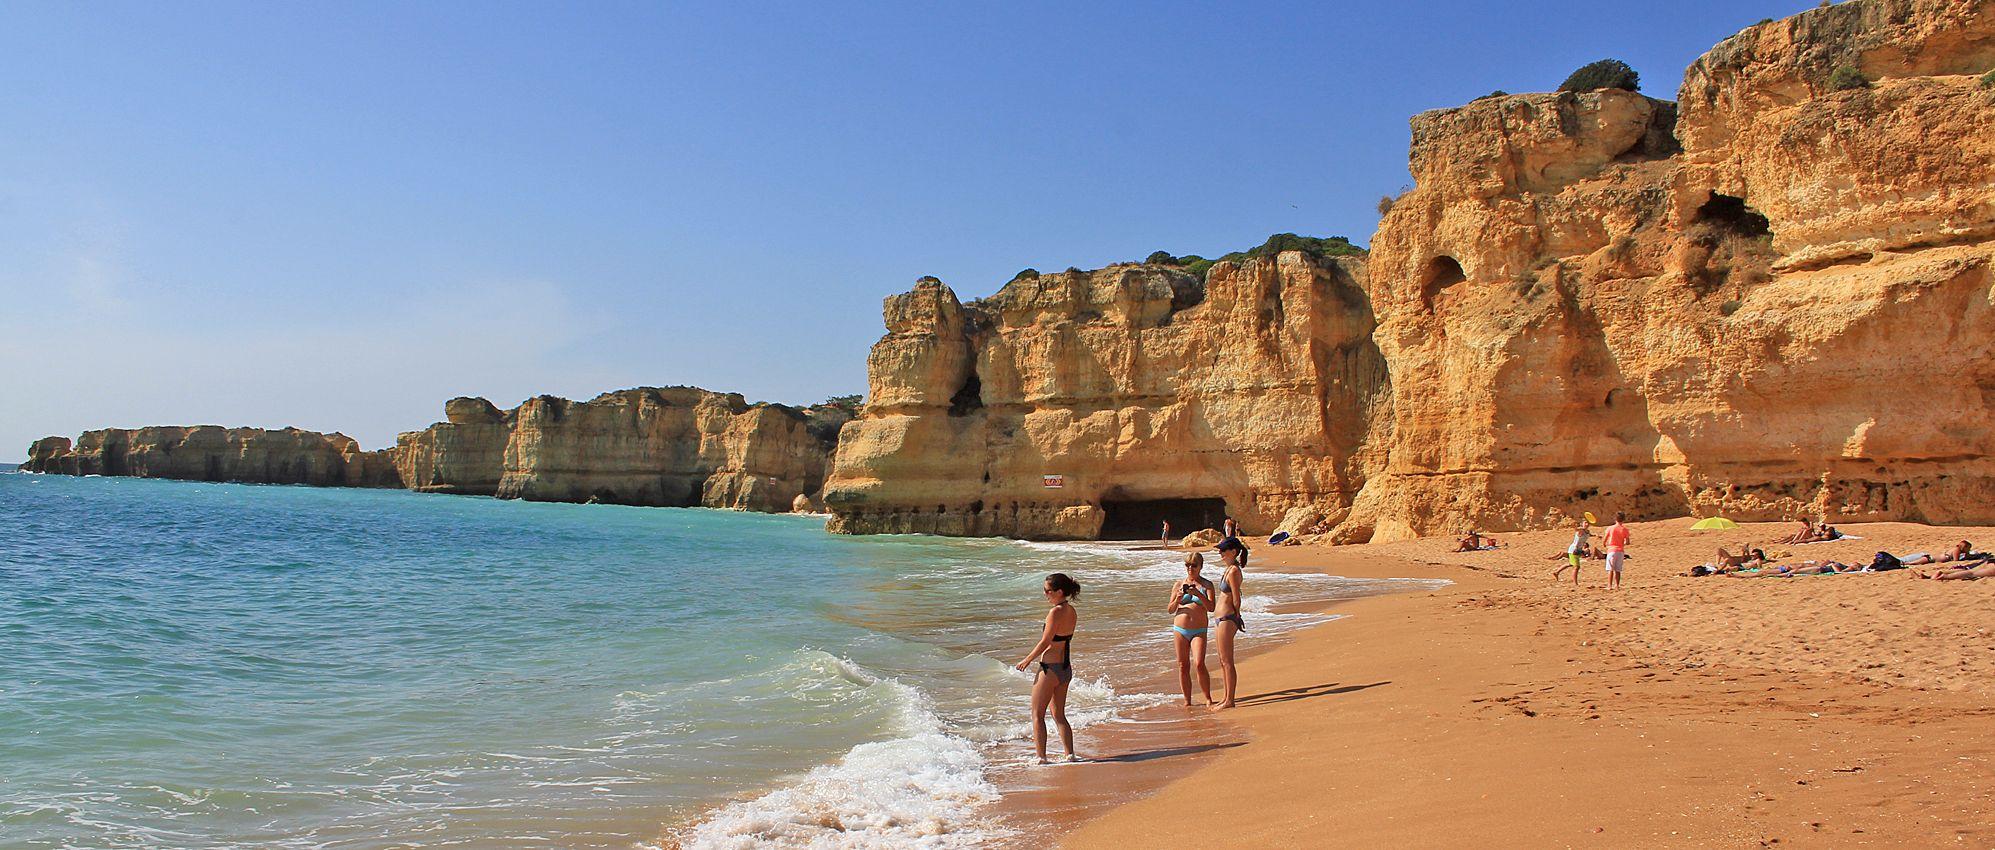 Praia da Coelha - Strand von Coelha 18